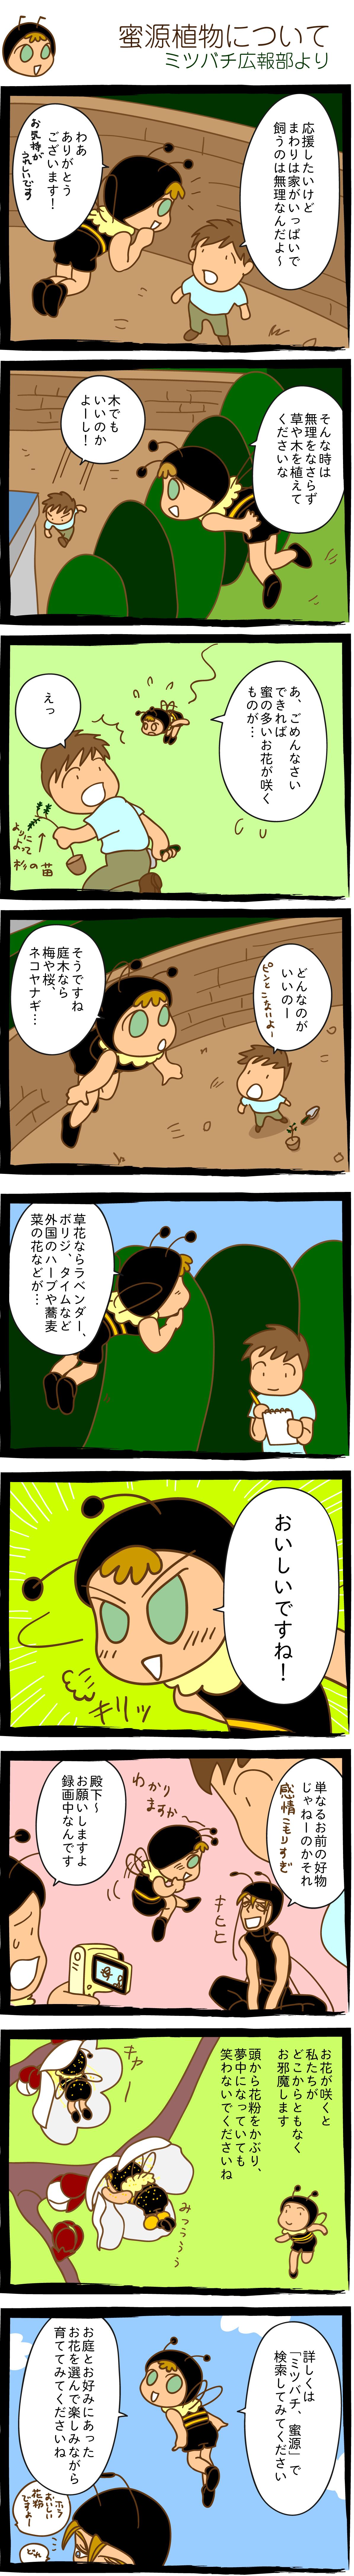 蜜源植物について/広報部